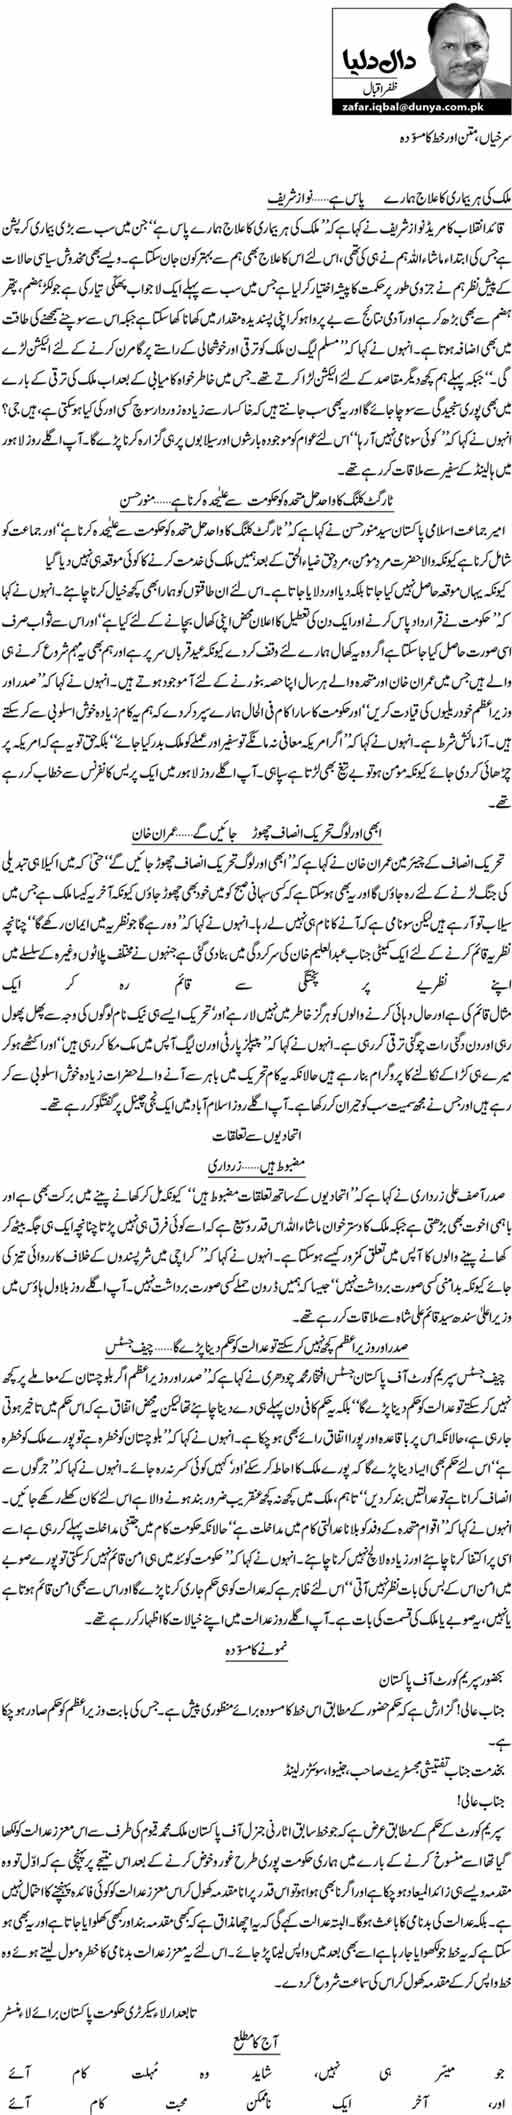 Surkhiyan, matan aur khat ka musawwidah - Zafar Iqbal